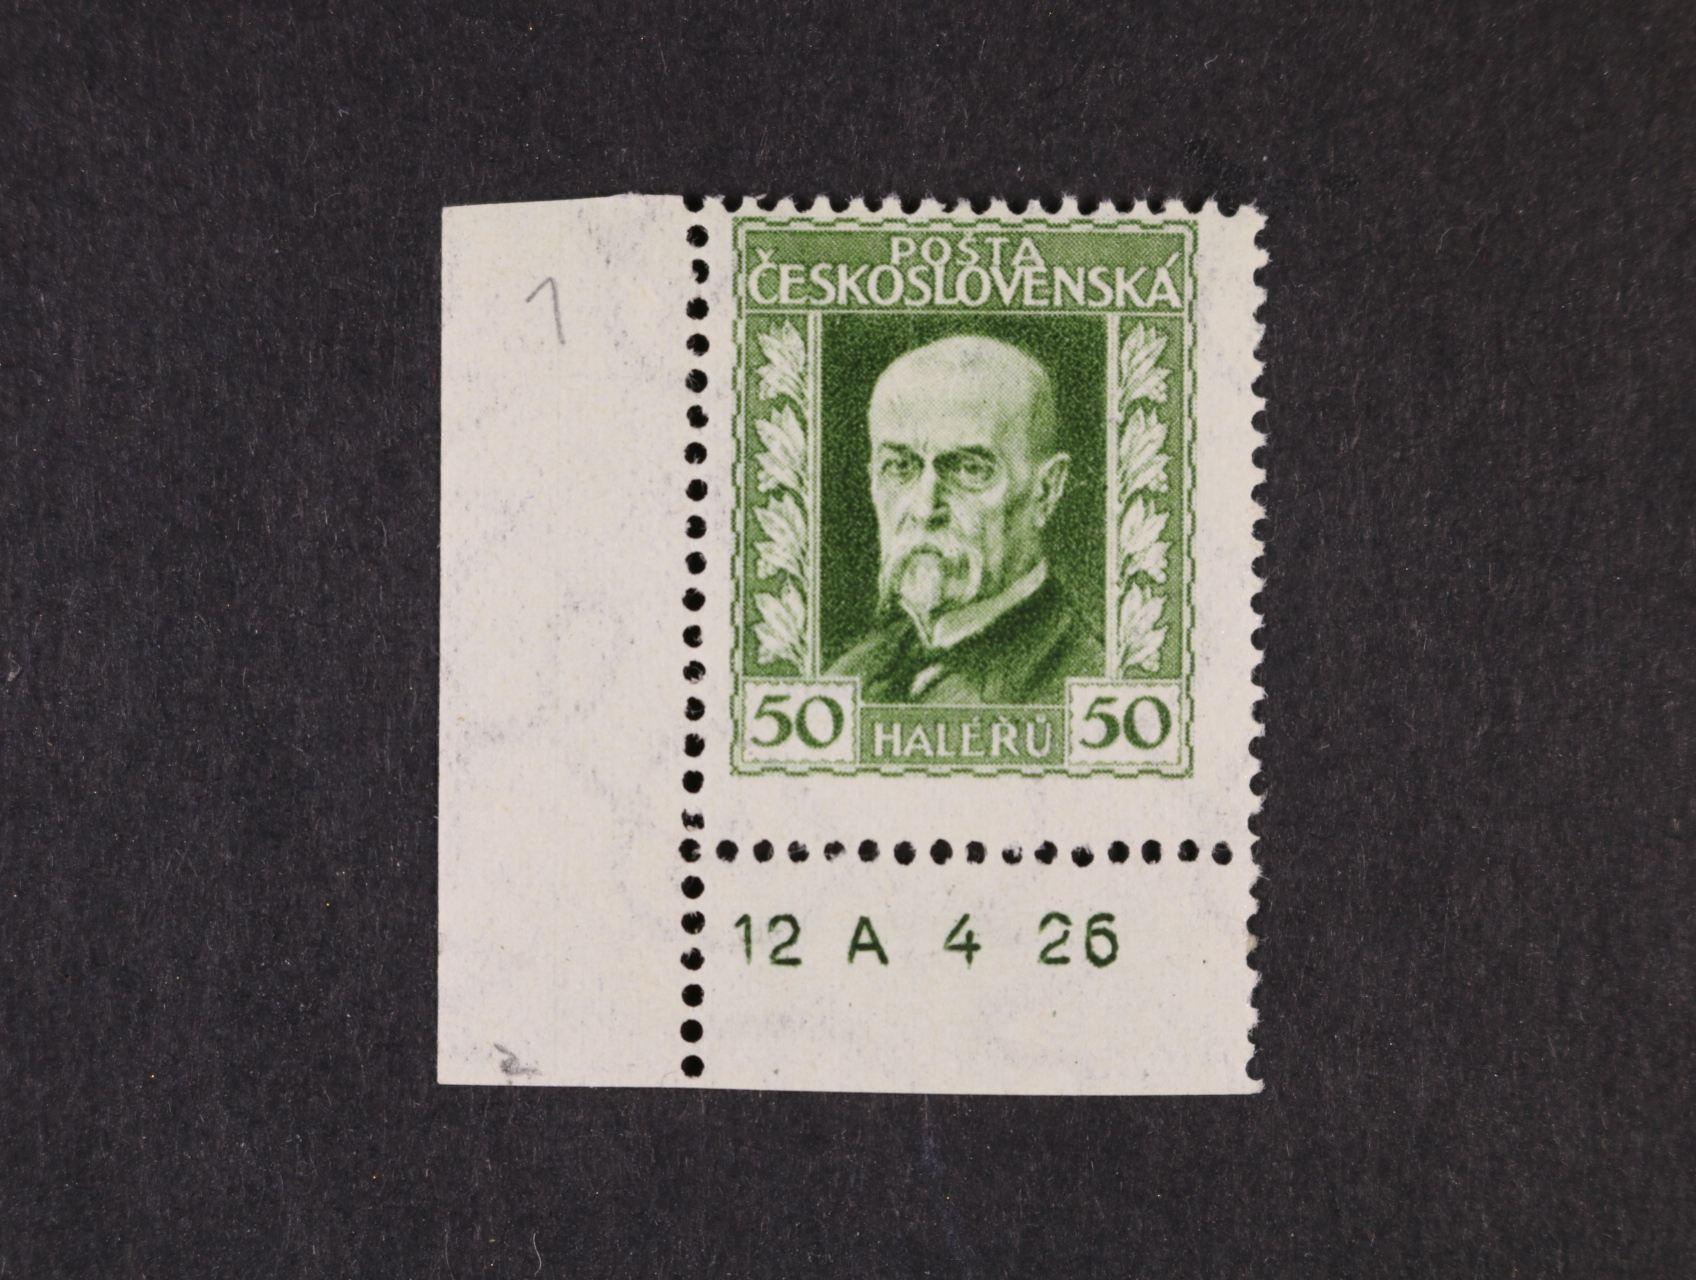 zn. č. 188 A, pr. 1 - levý spodní roh. kus s DZ 12 A 4 26